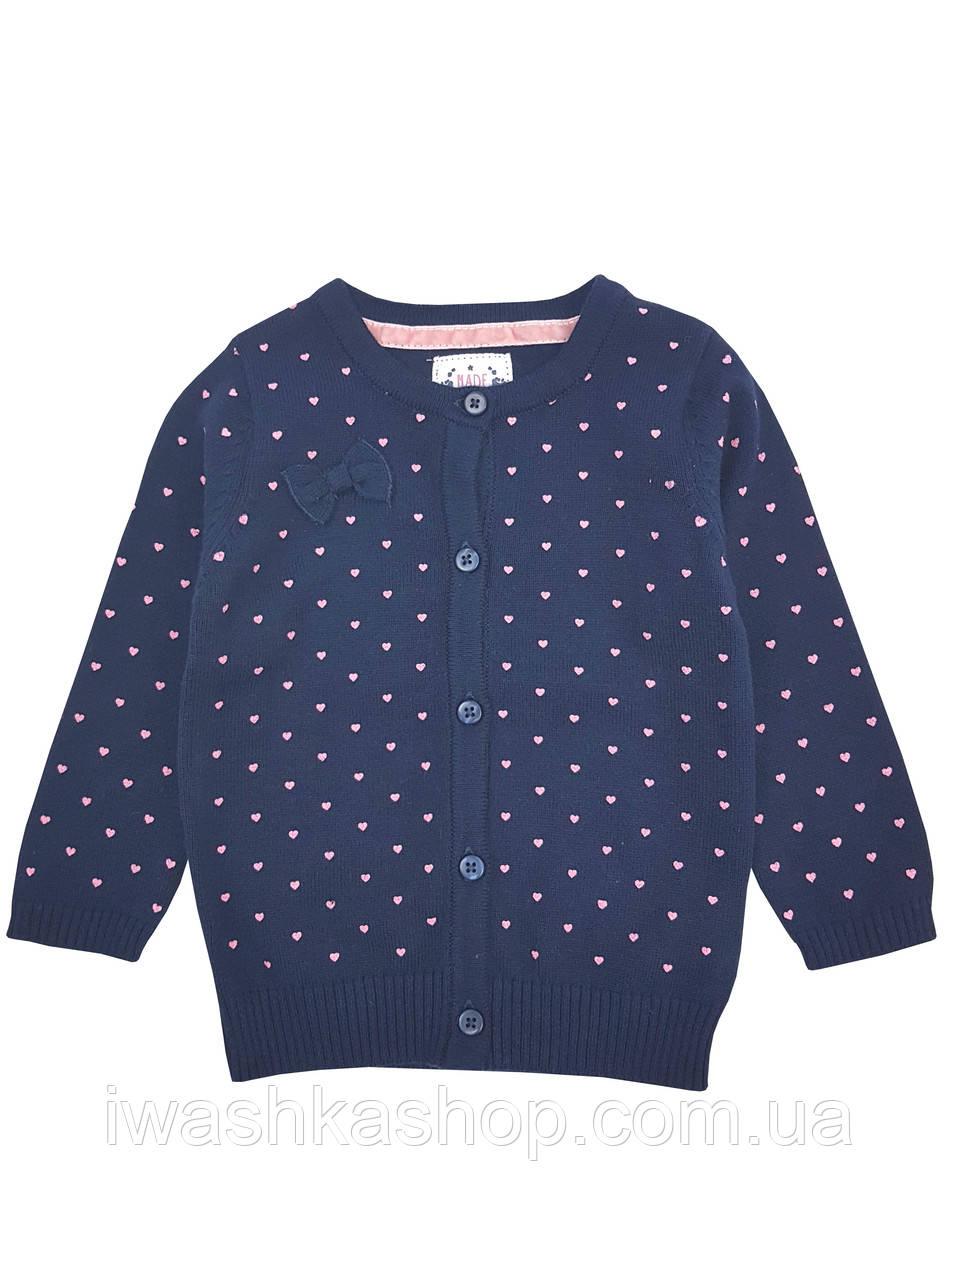 Темно - синя кофта в сердечка на дівчинку 6 - 9 місяців, р. 74, Early Days